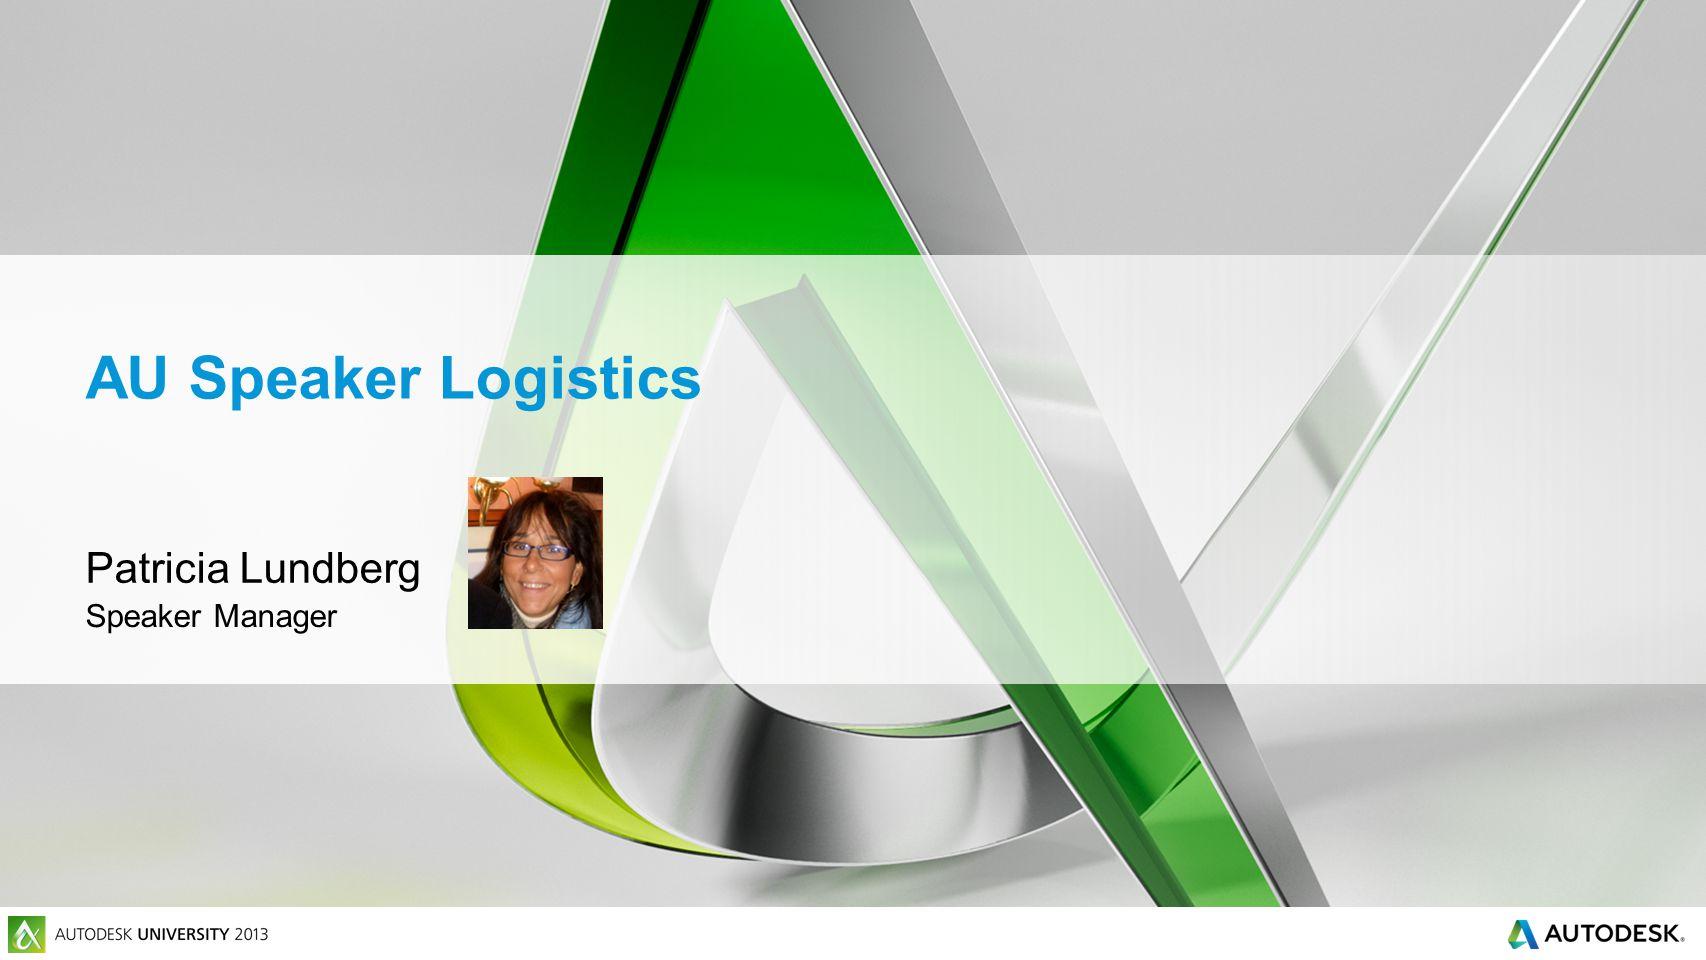 AU Speaker Logistics Patricia Lundberg Speaker Manager